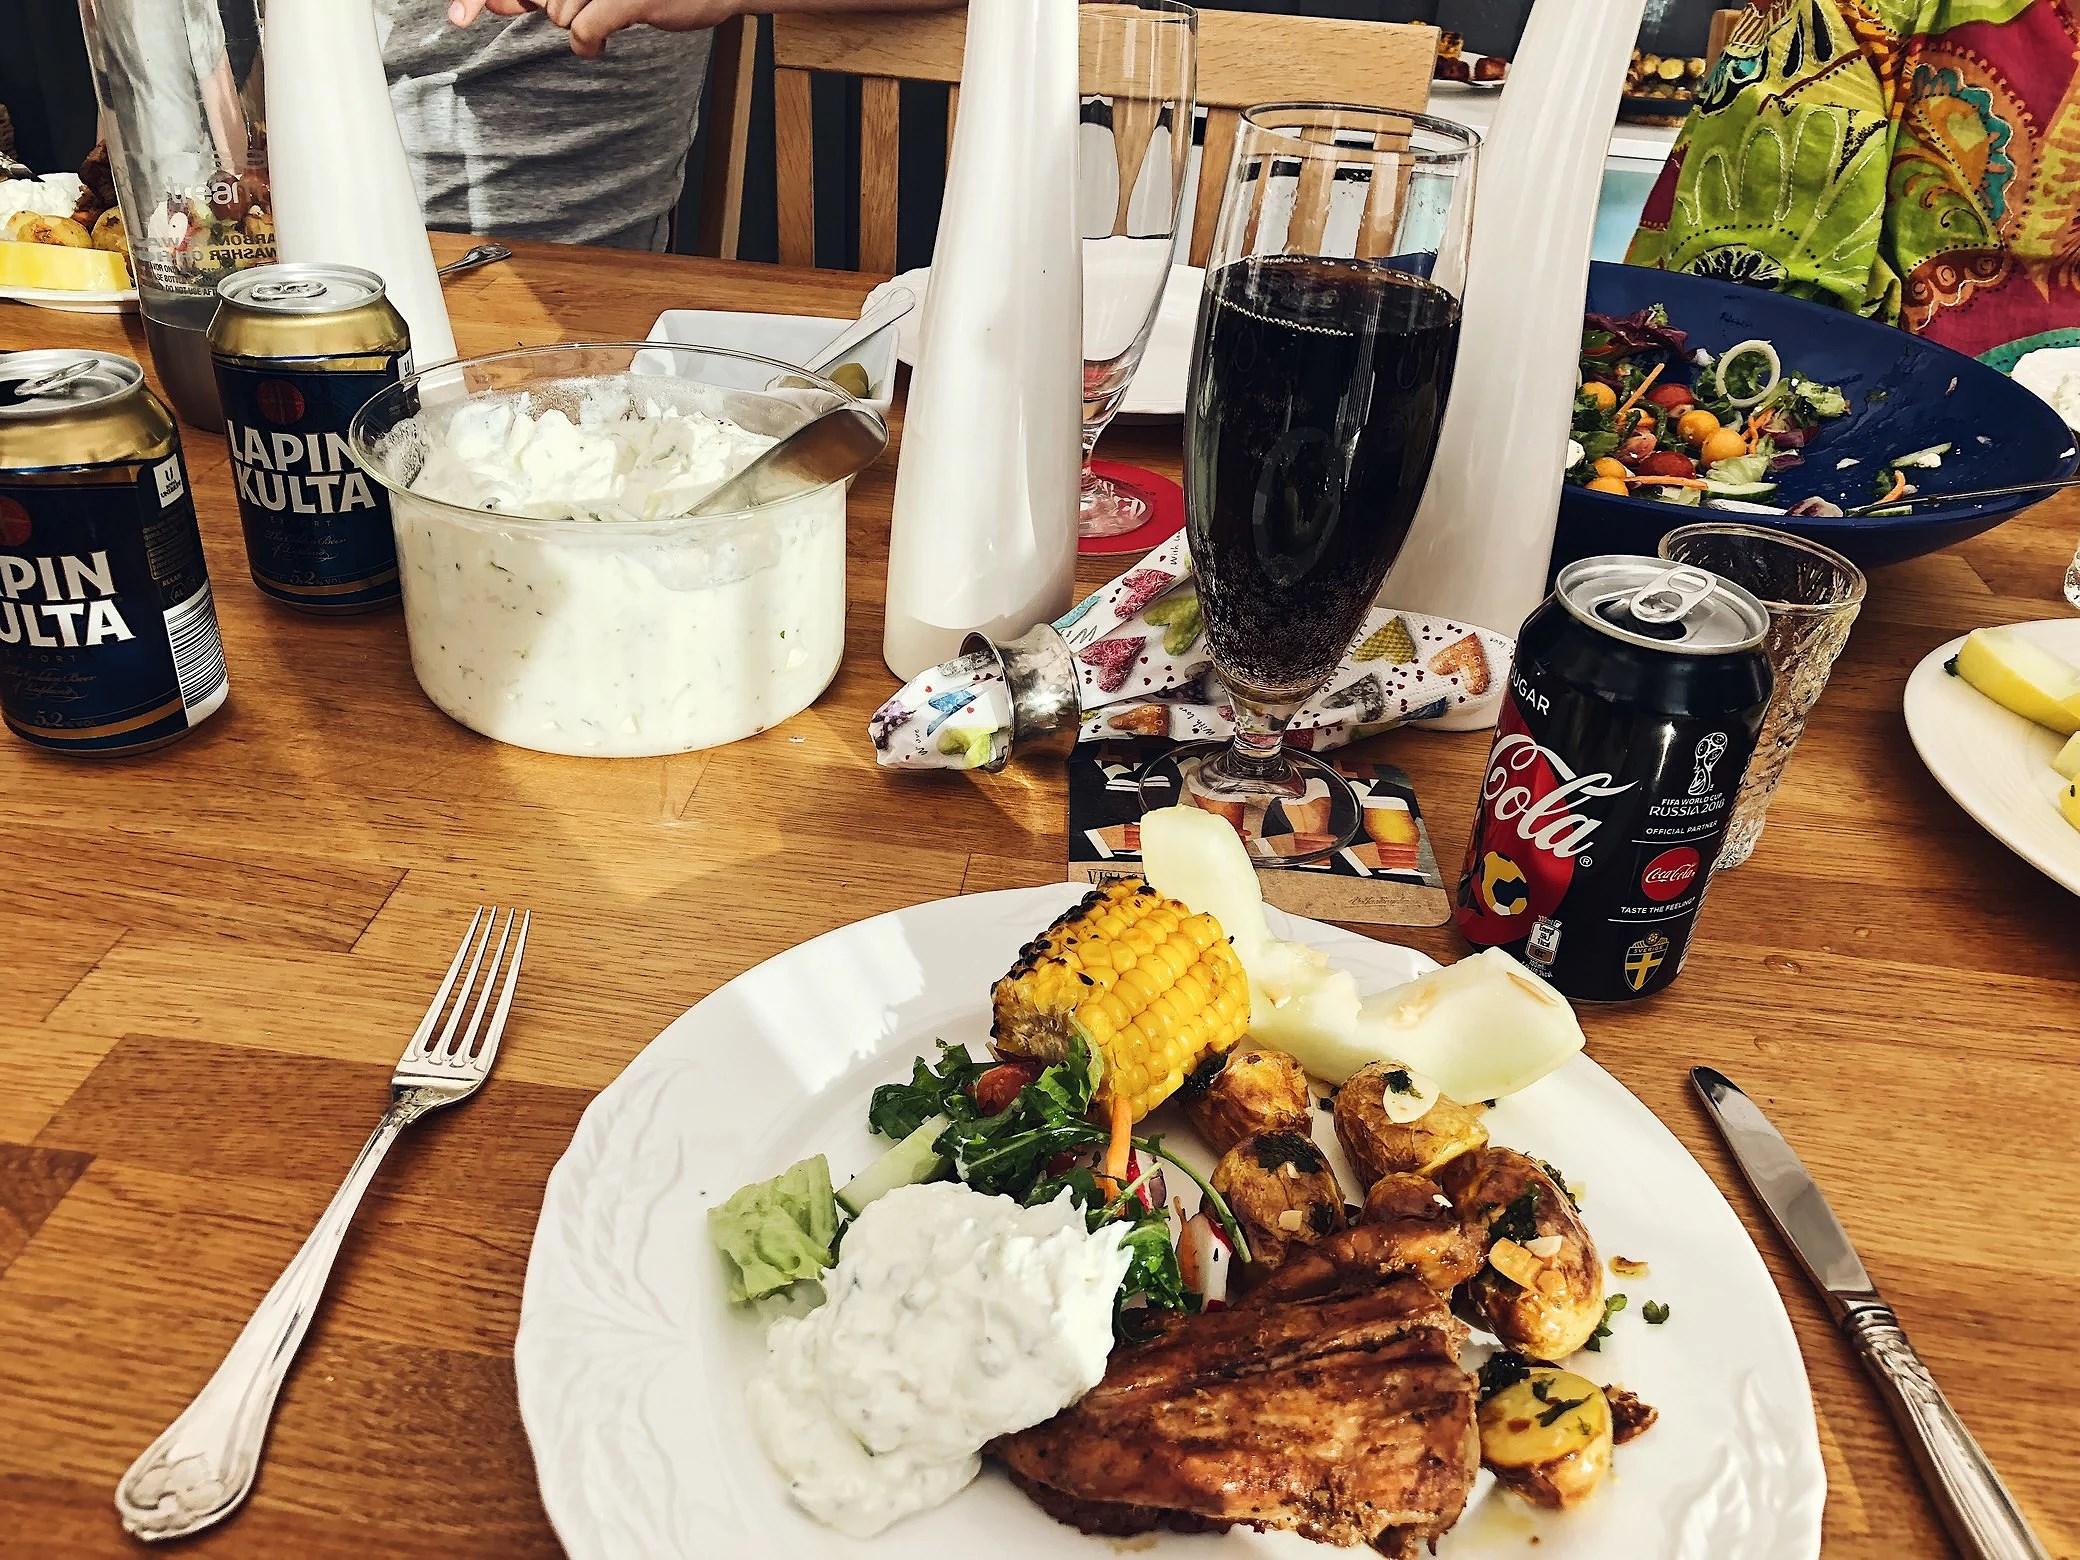 Middag hos mamma och pappa